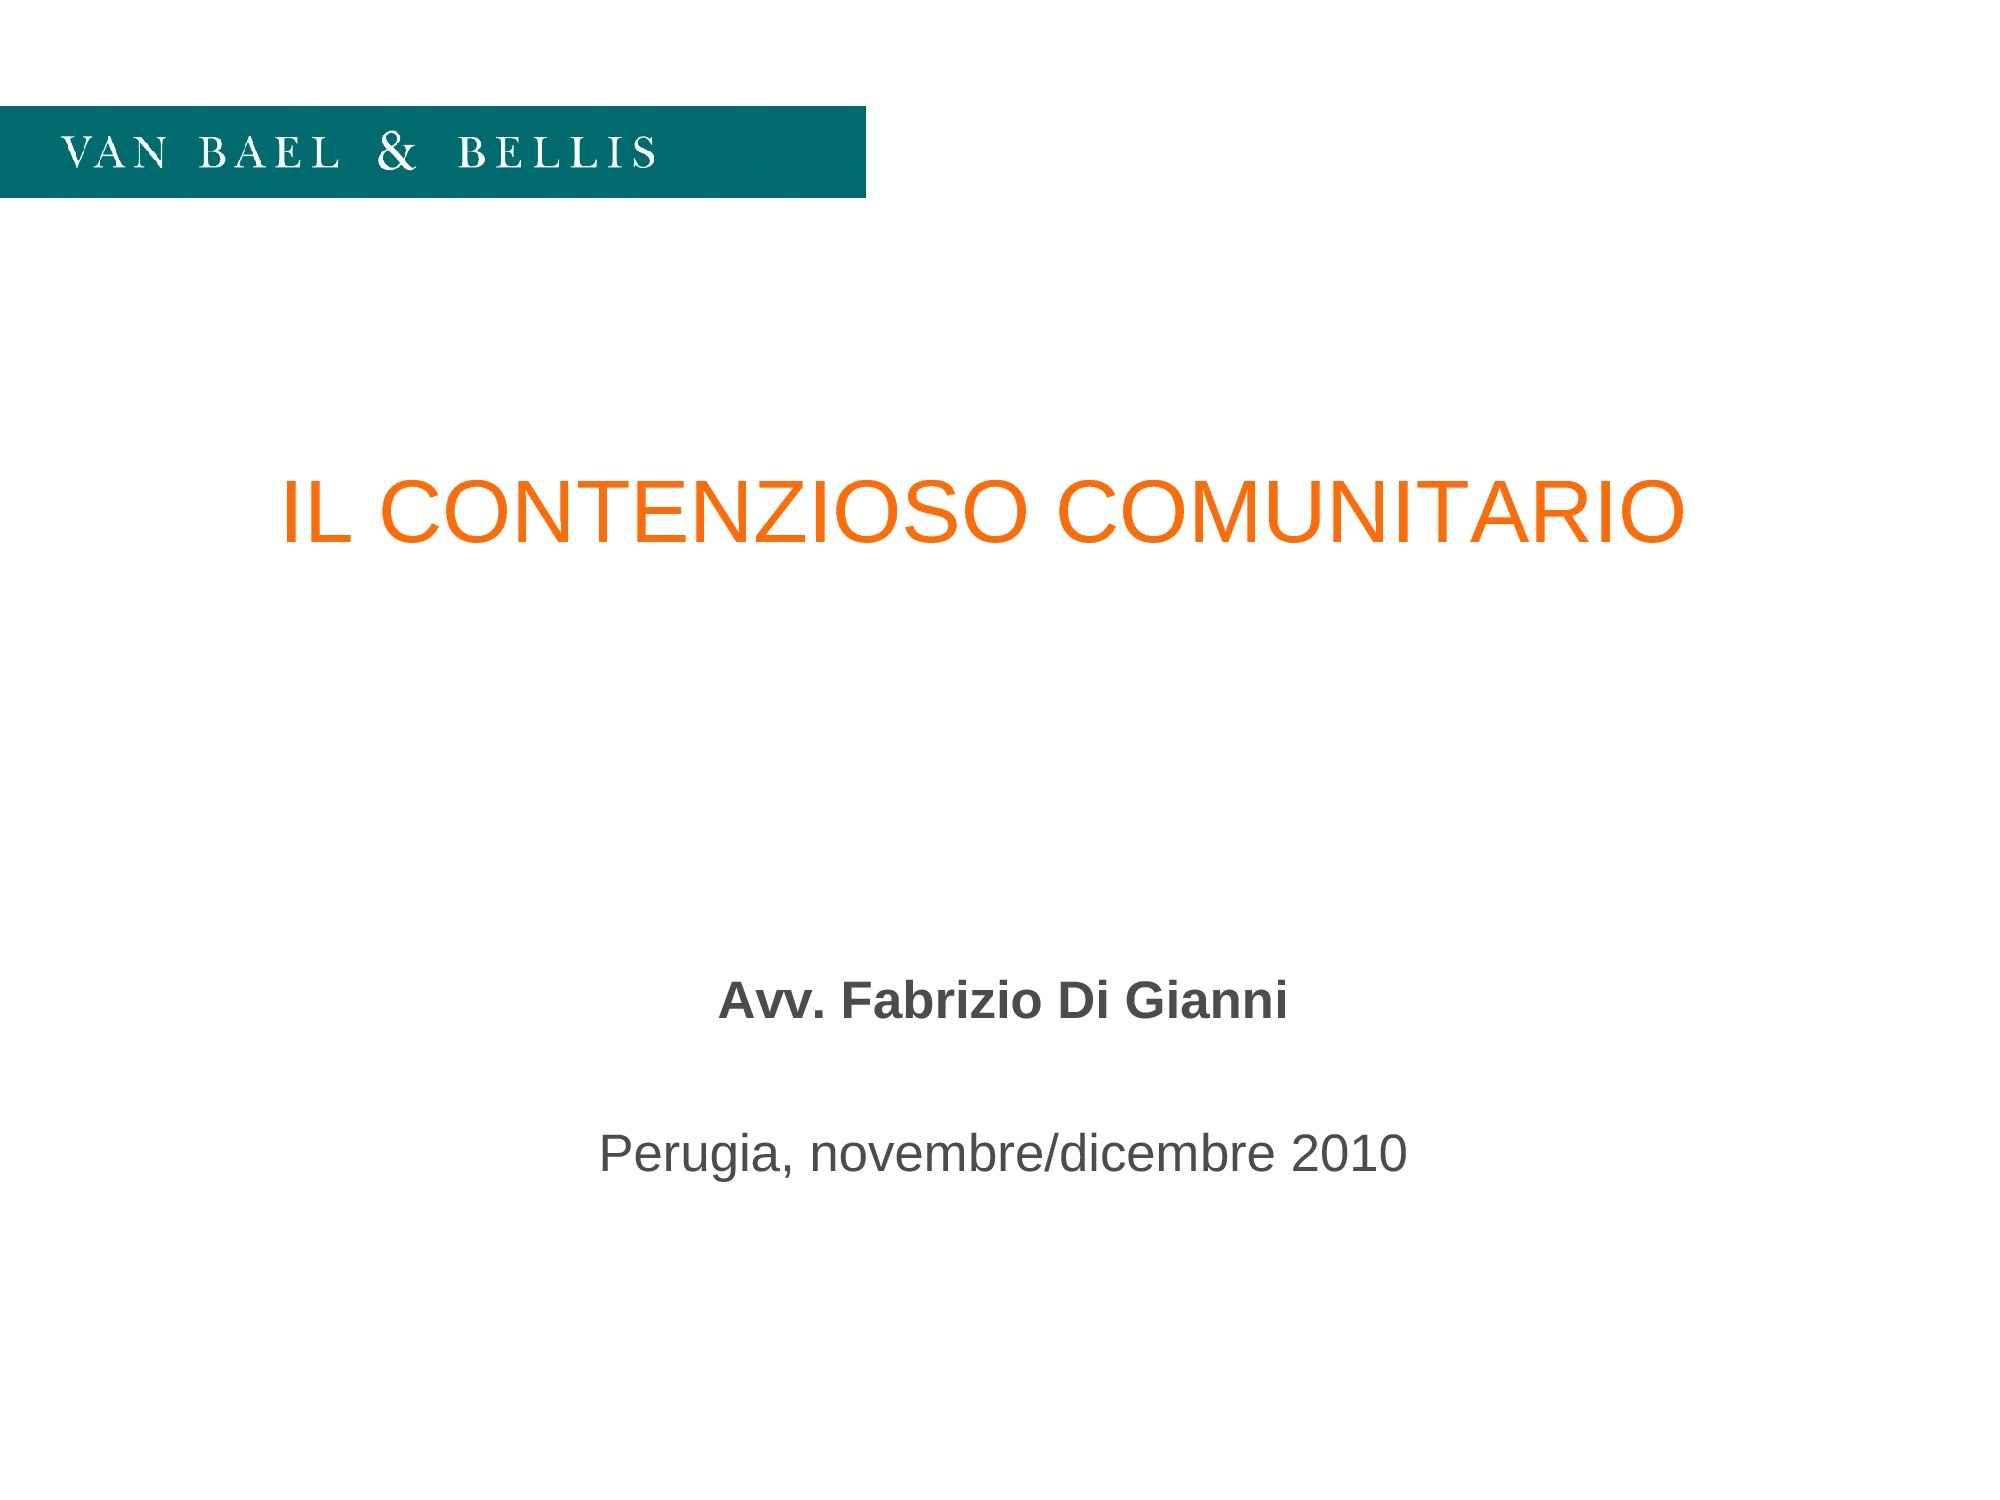 Contenzioso comunitario - Programma